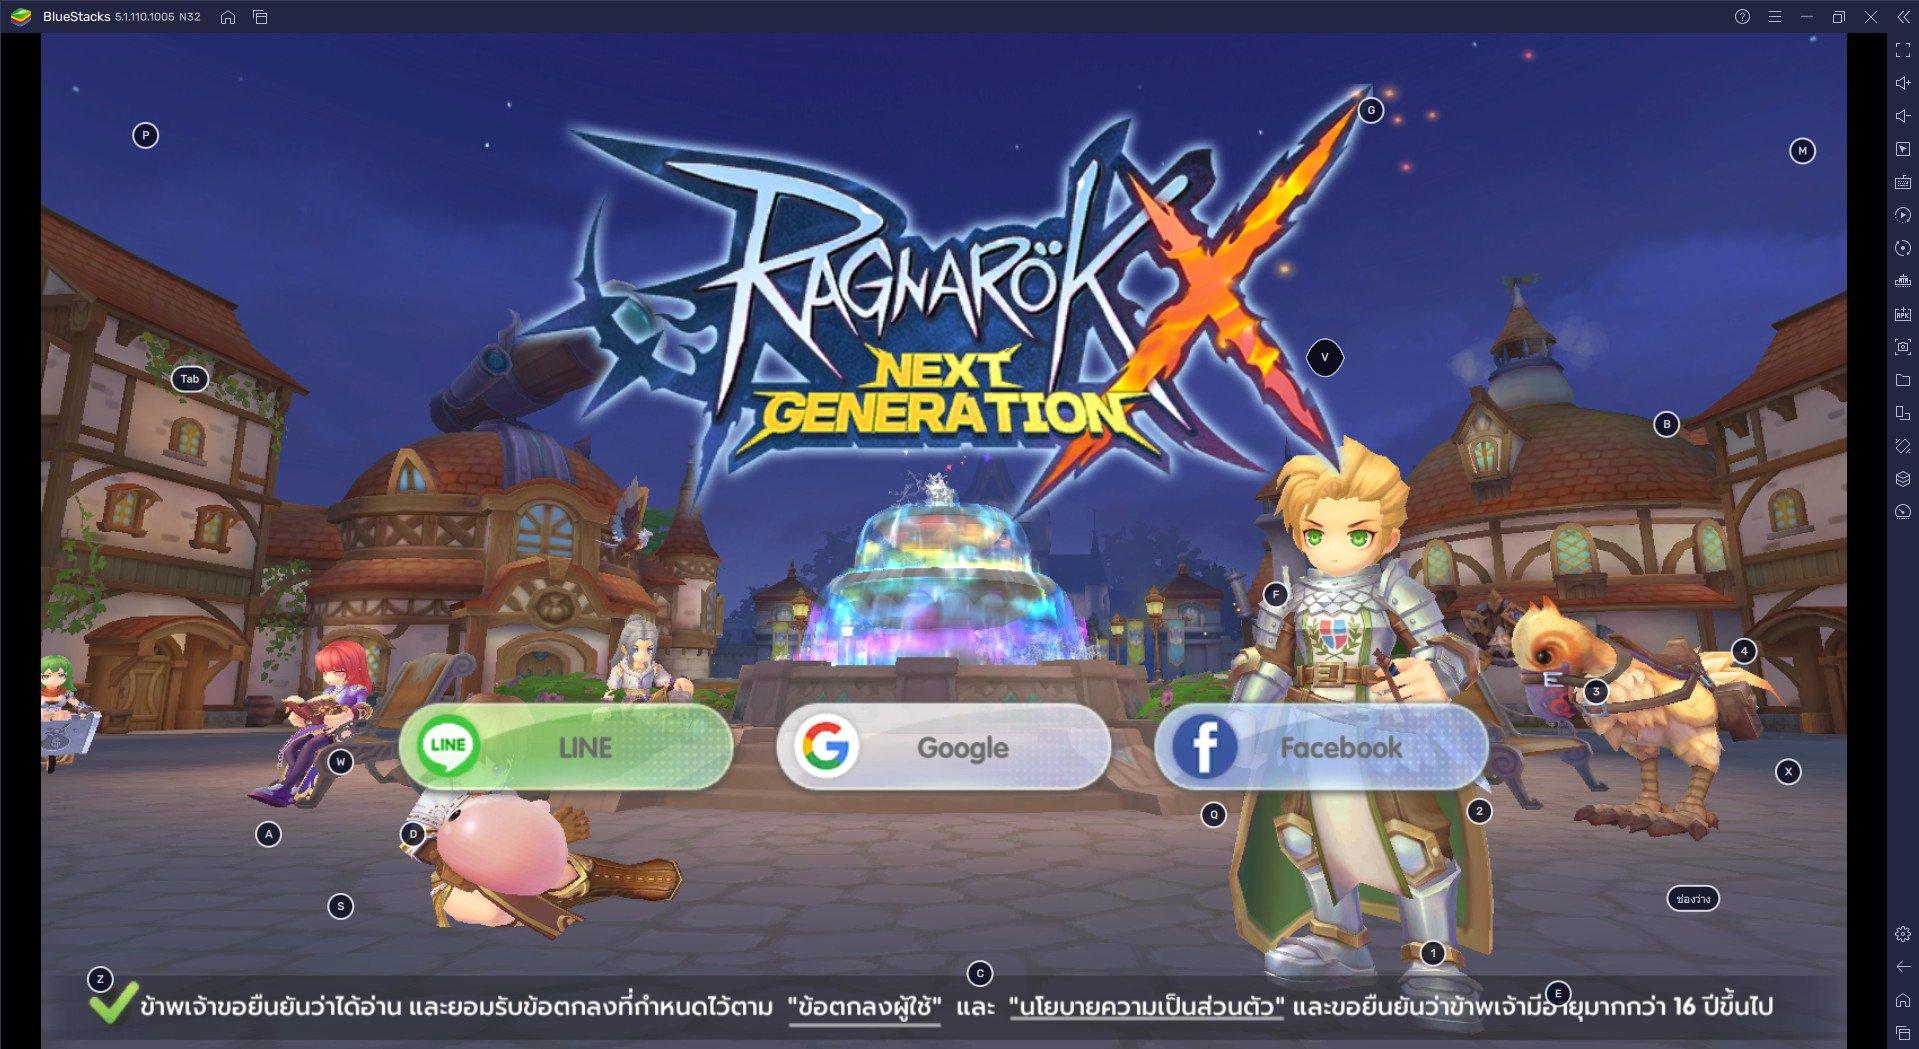 แนะนำวิธีการตกปลาง่าย ๆ Ragnarok X: Next Generation